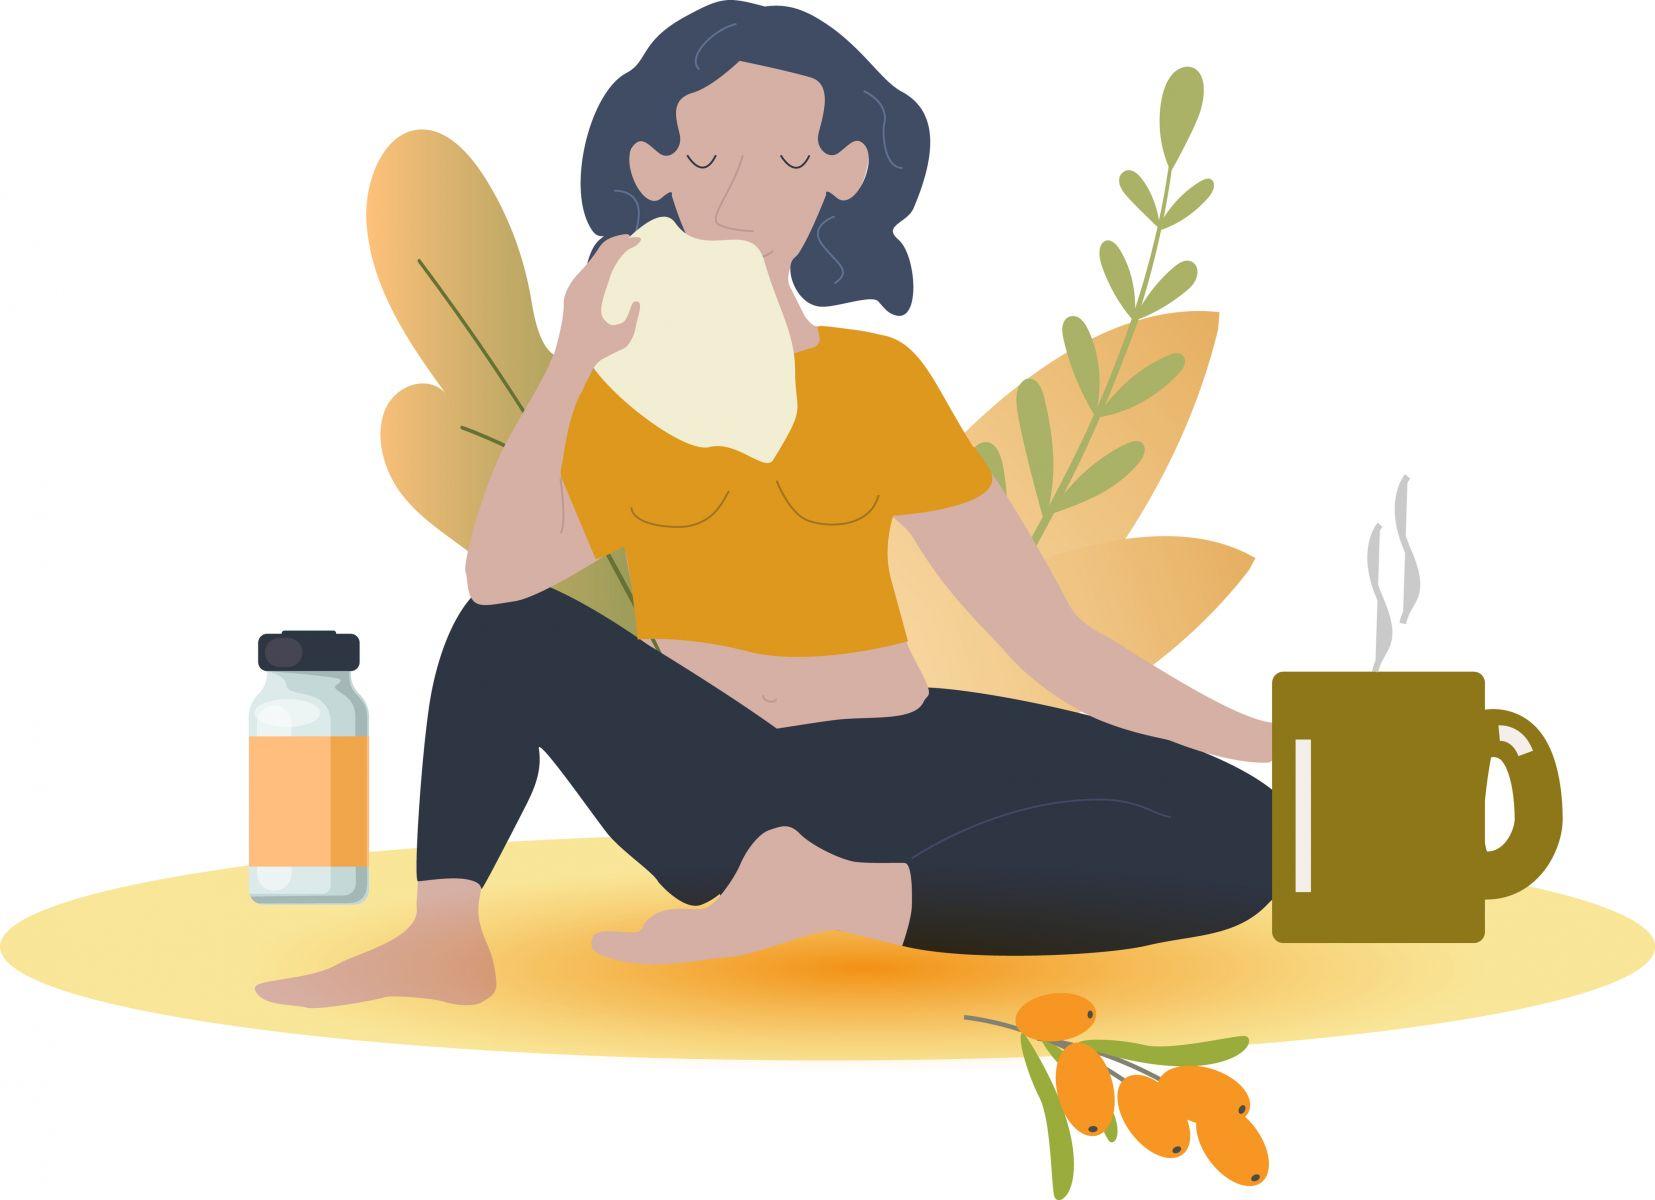 天氣變化大!中醫師、營養師激推「老薑」吃法 提升免疫力、預防感冒